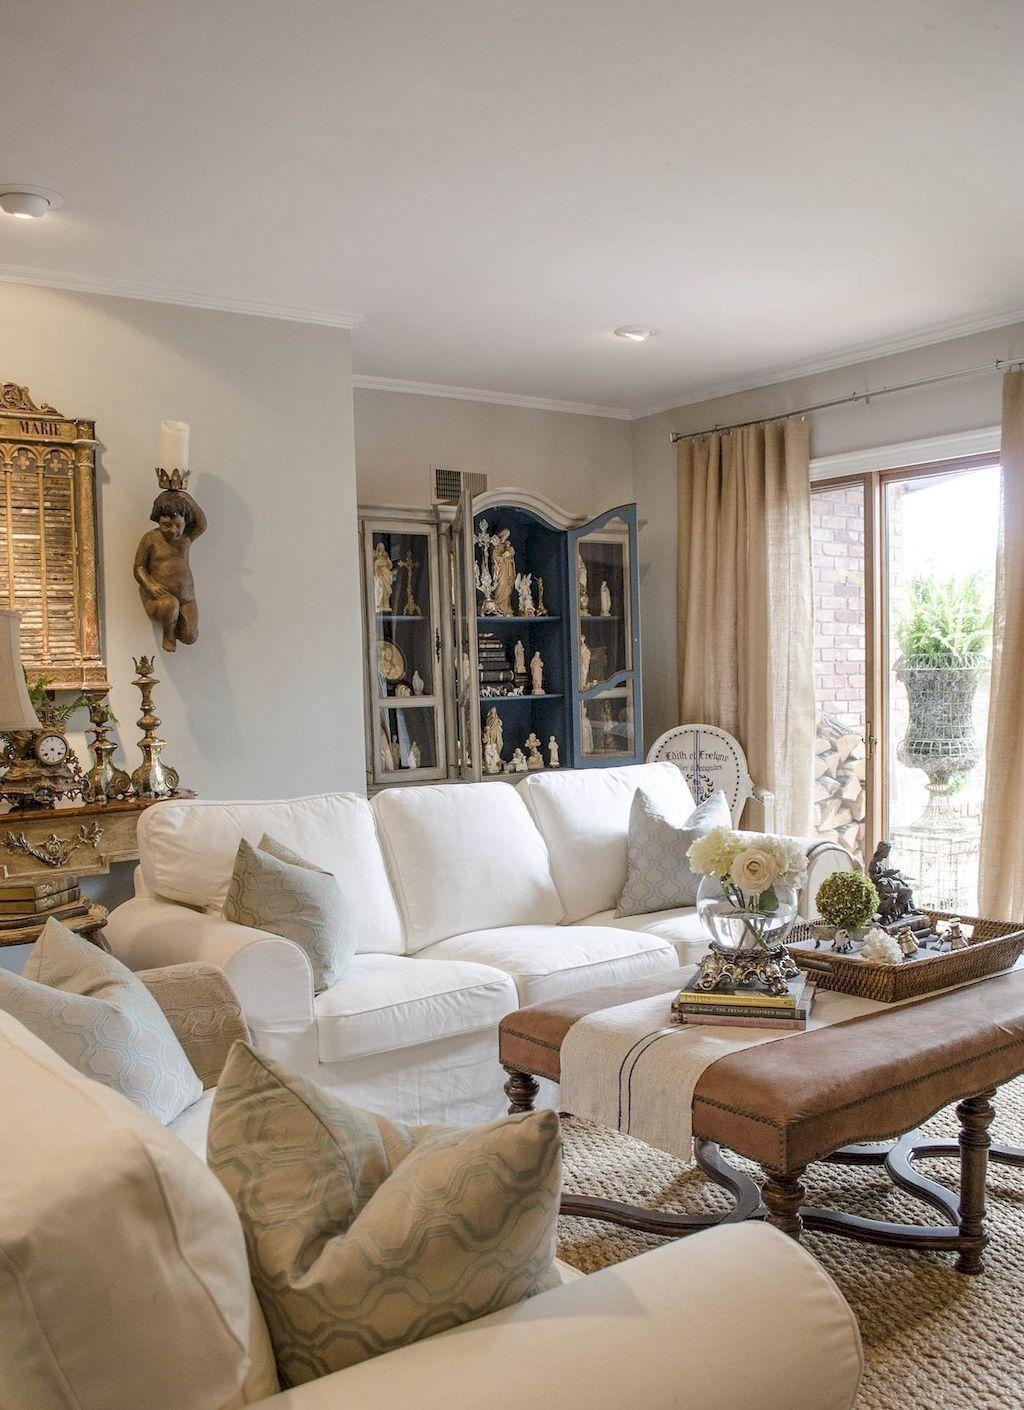 79 lovely french country living room decor ideas living room rh pinterest com